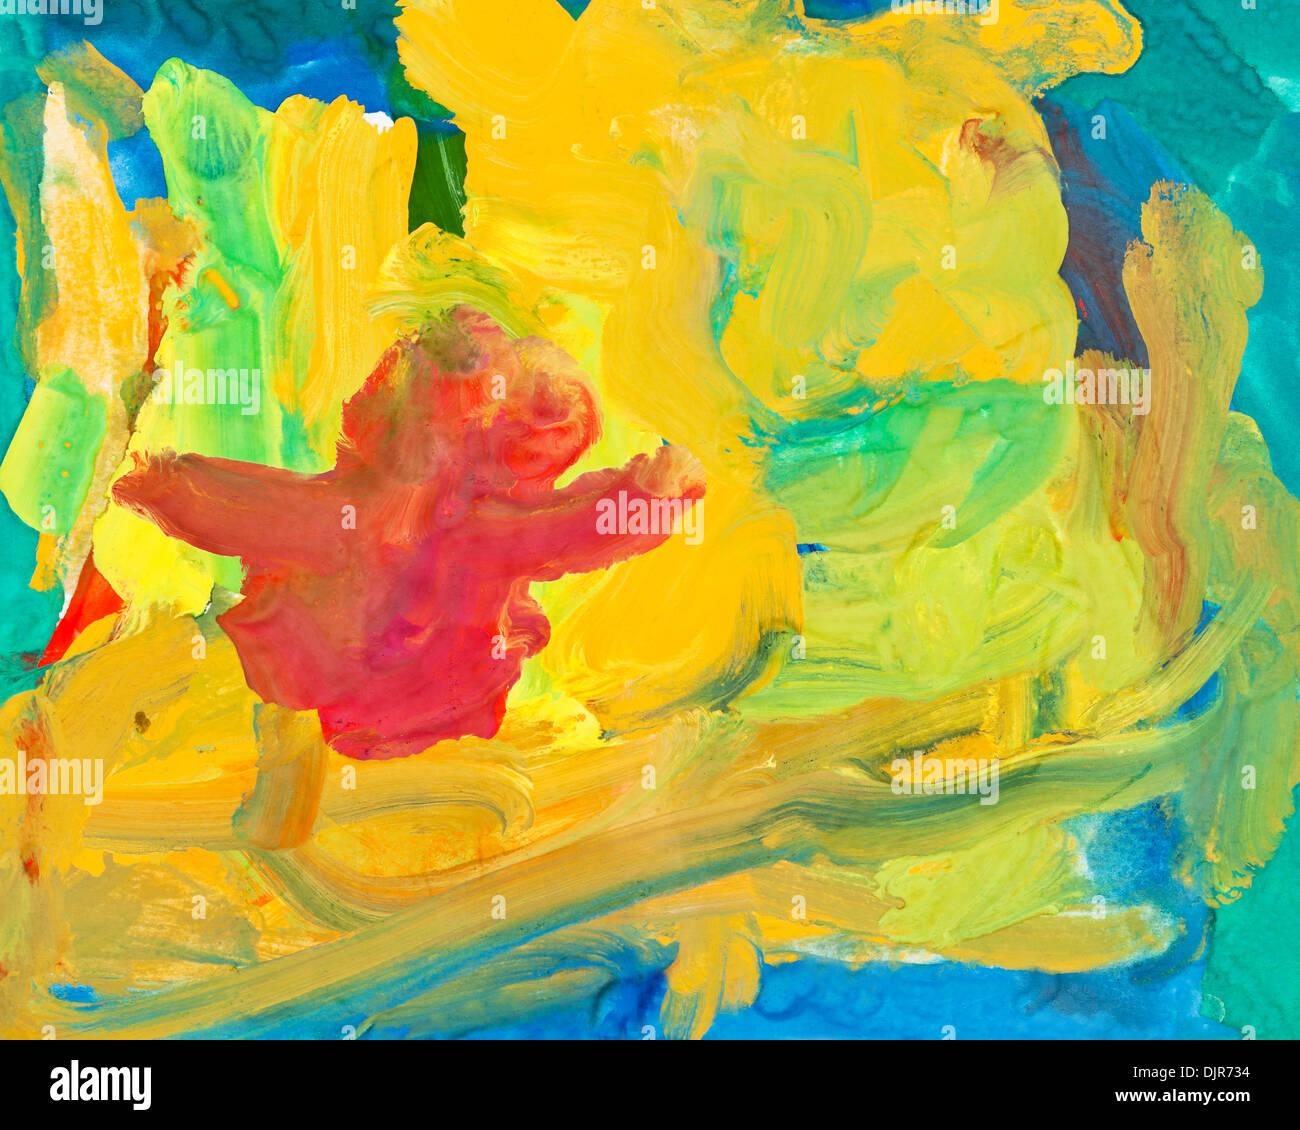 Kinder zeichnen - abstrakte Gouache-Malerei-Hintergrund Stockfoto ...